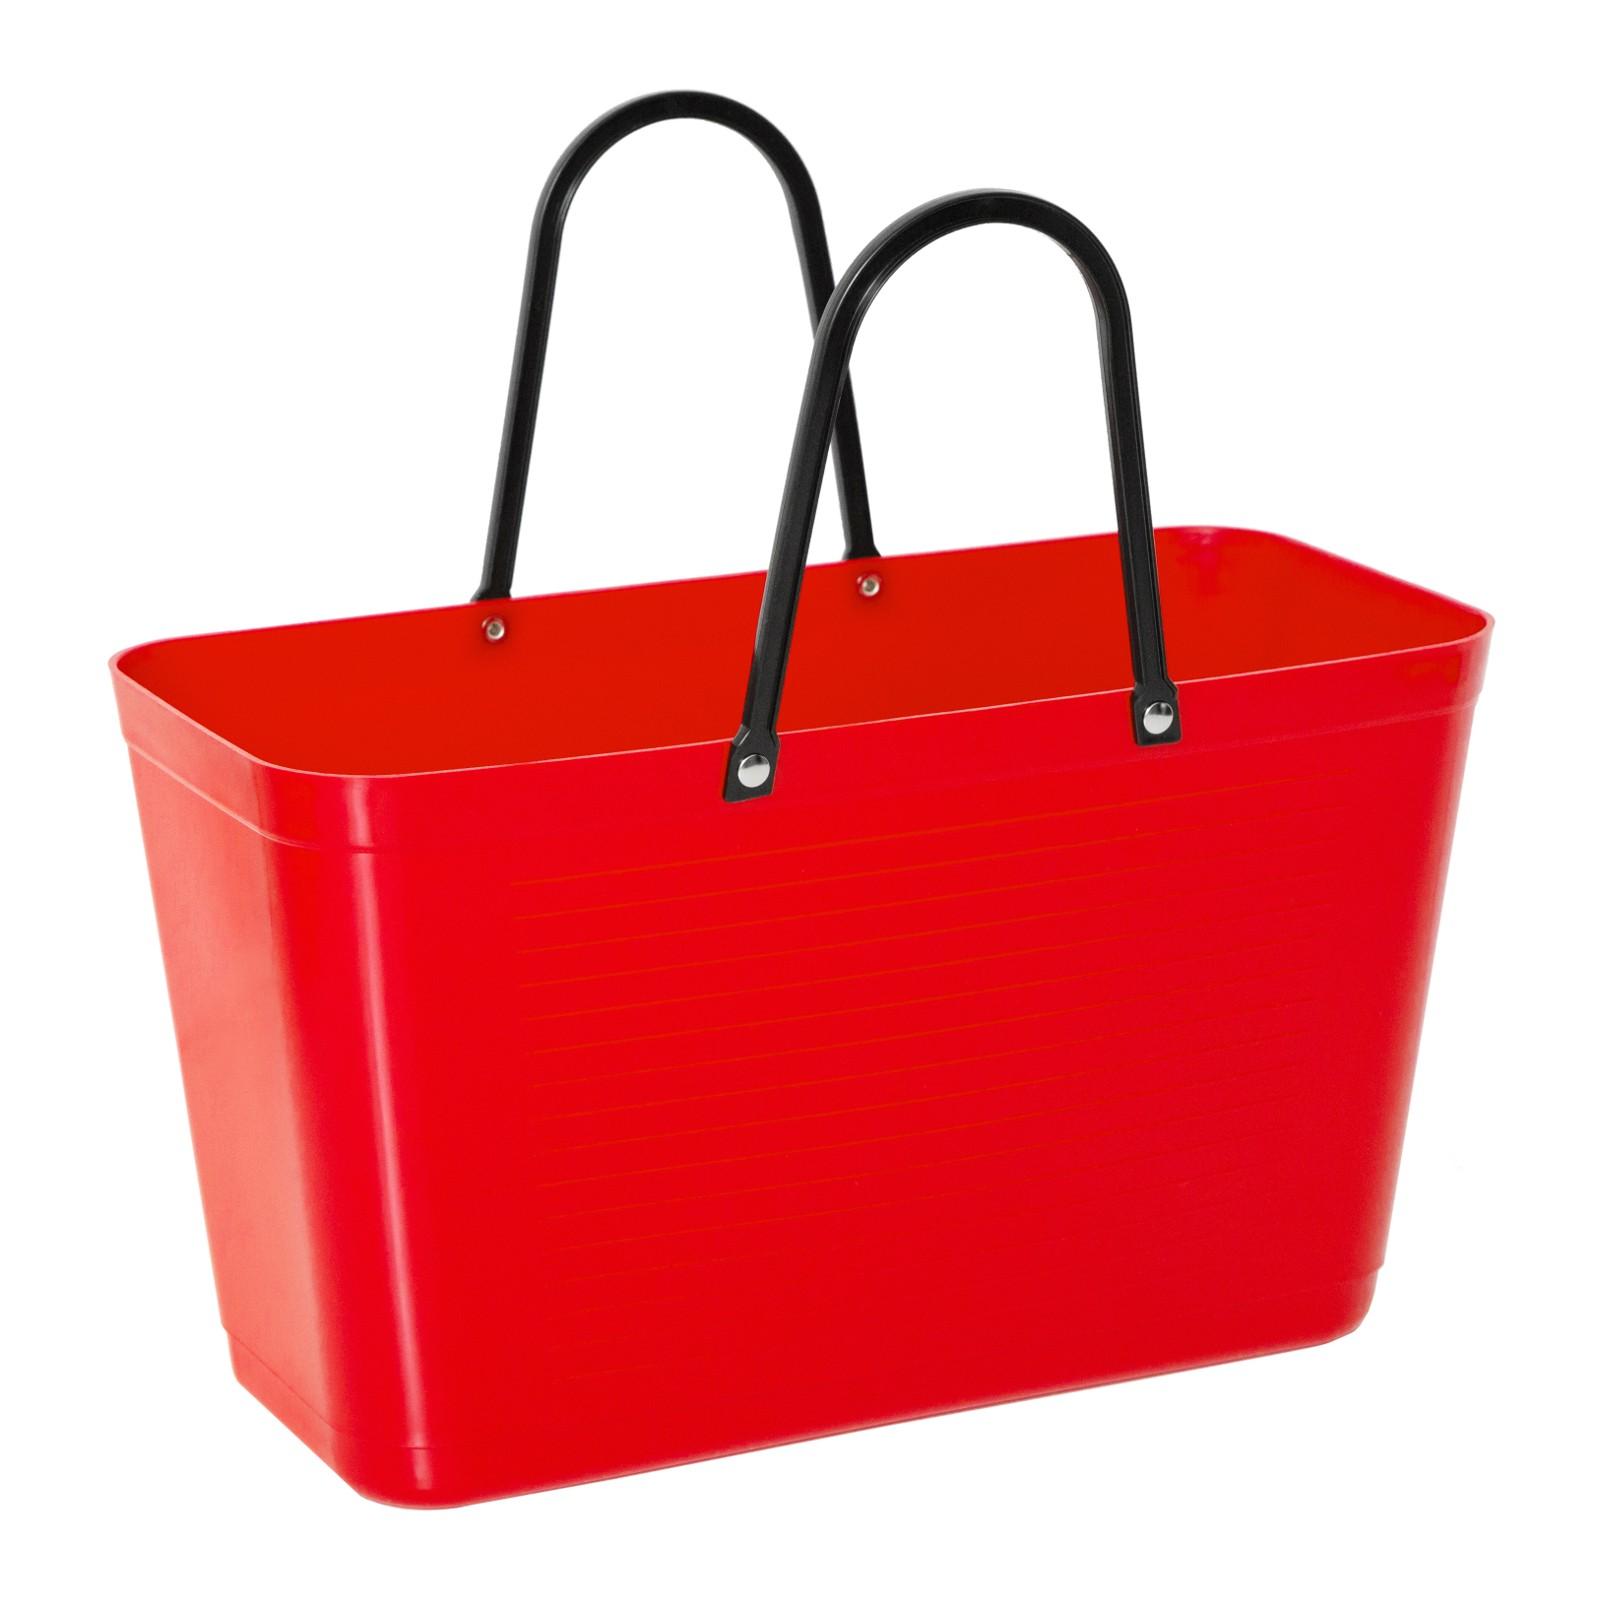 hinza 009-hinza-bag-large-red